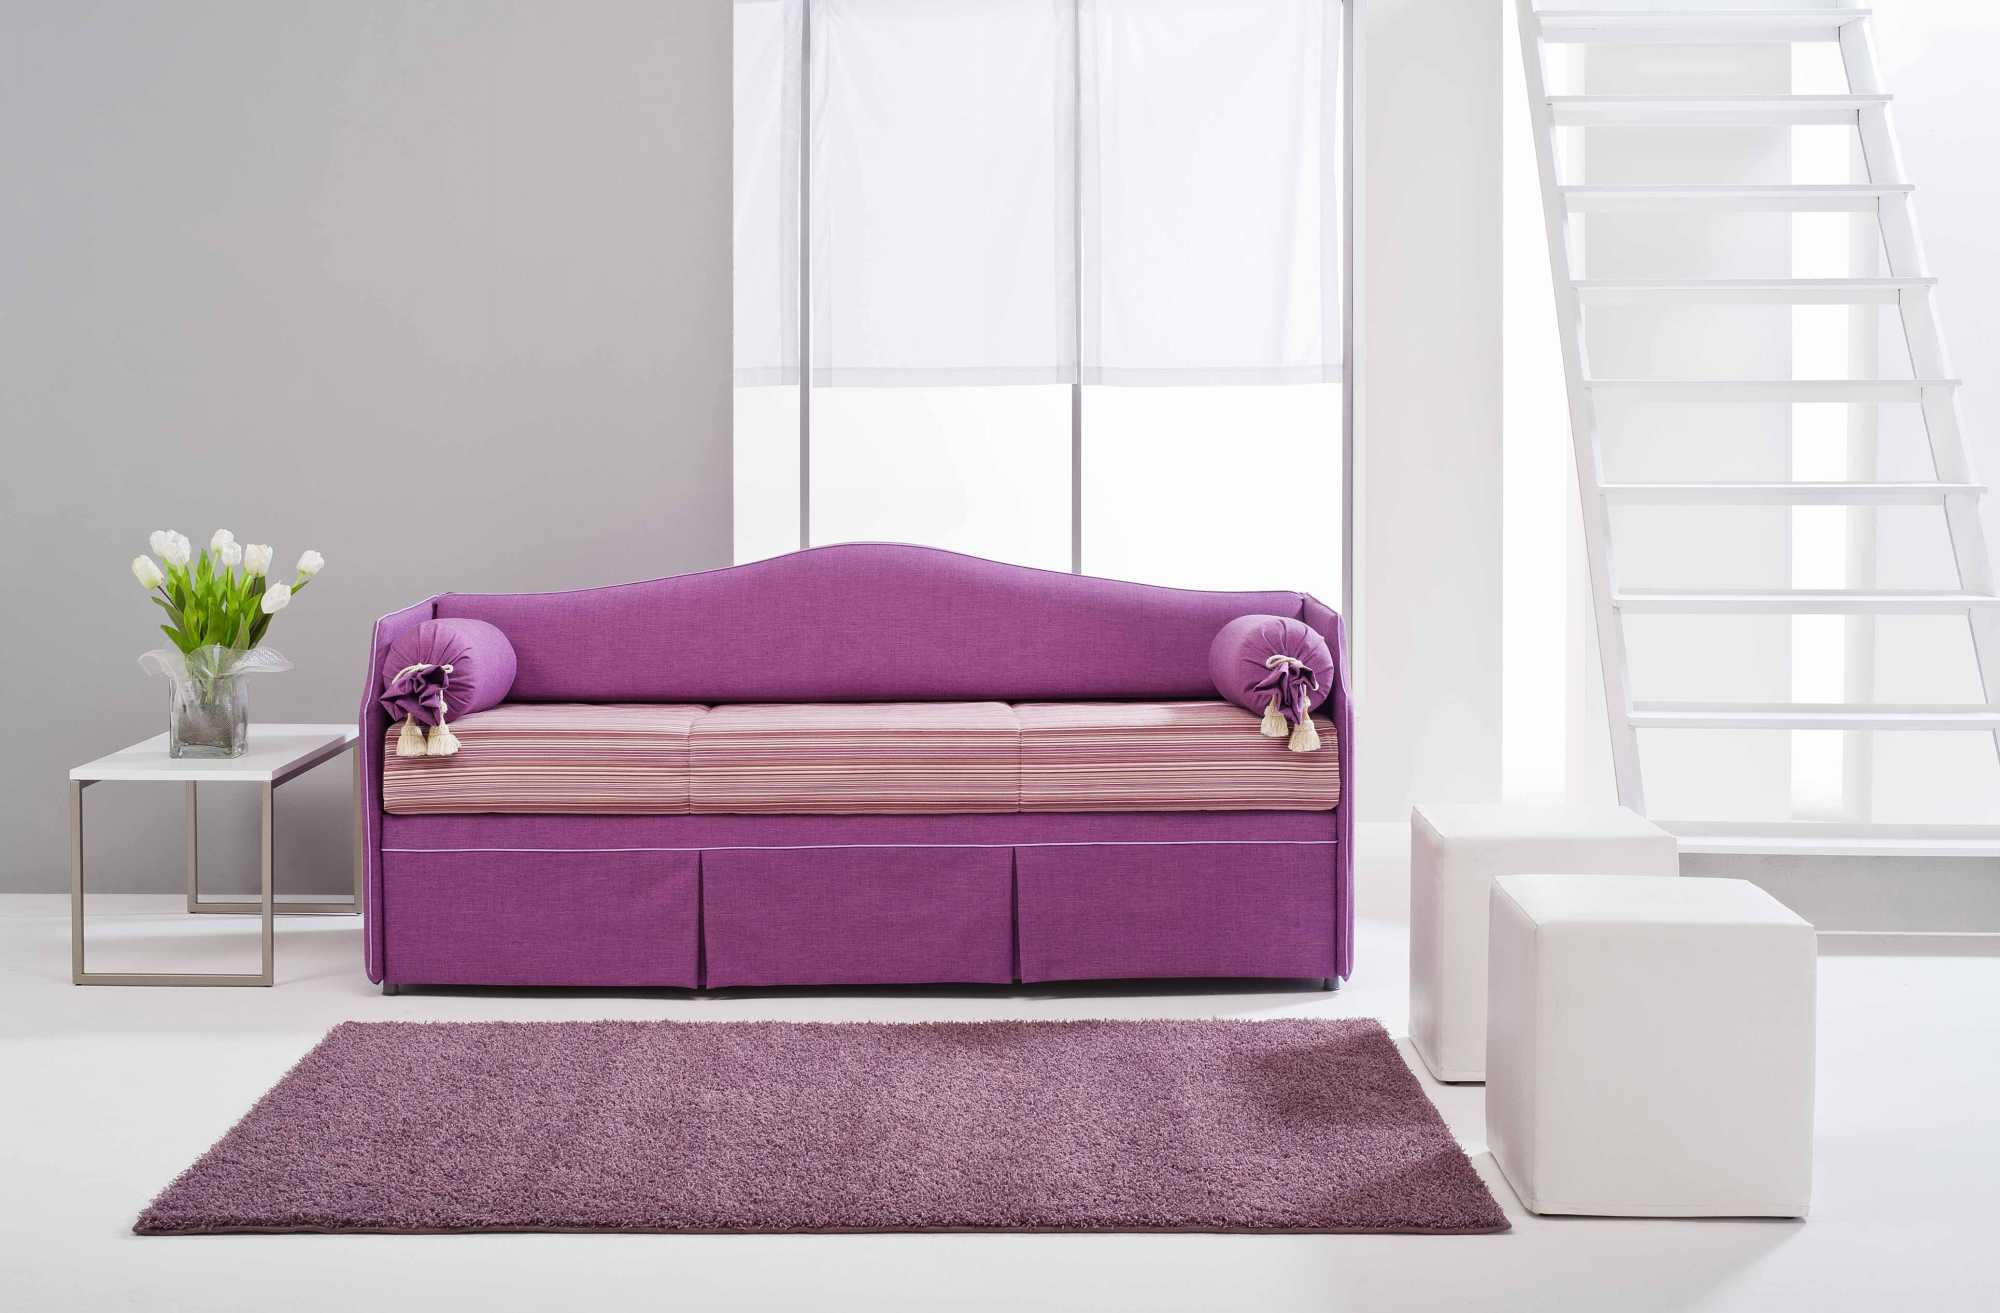 Pon pon letti estraibili divani doppio letto for Divano letto doppio